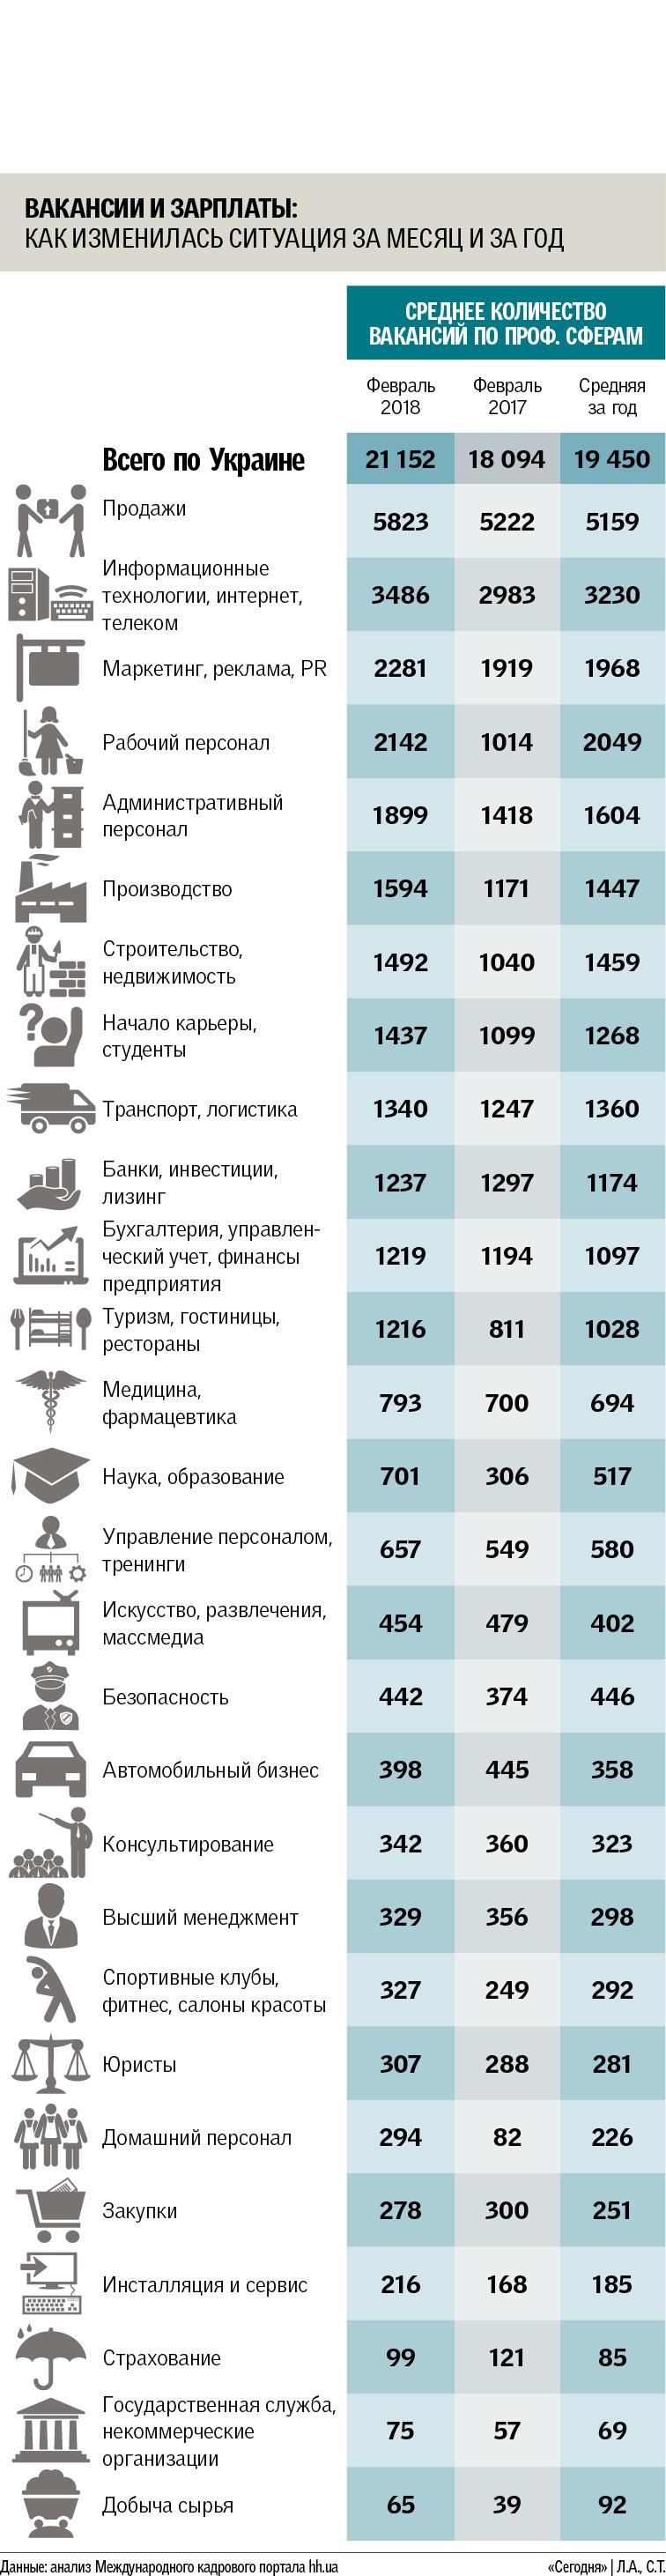 Оживление на рынке труда в Украине: количество вакансий растет